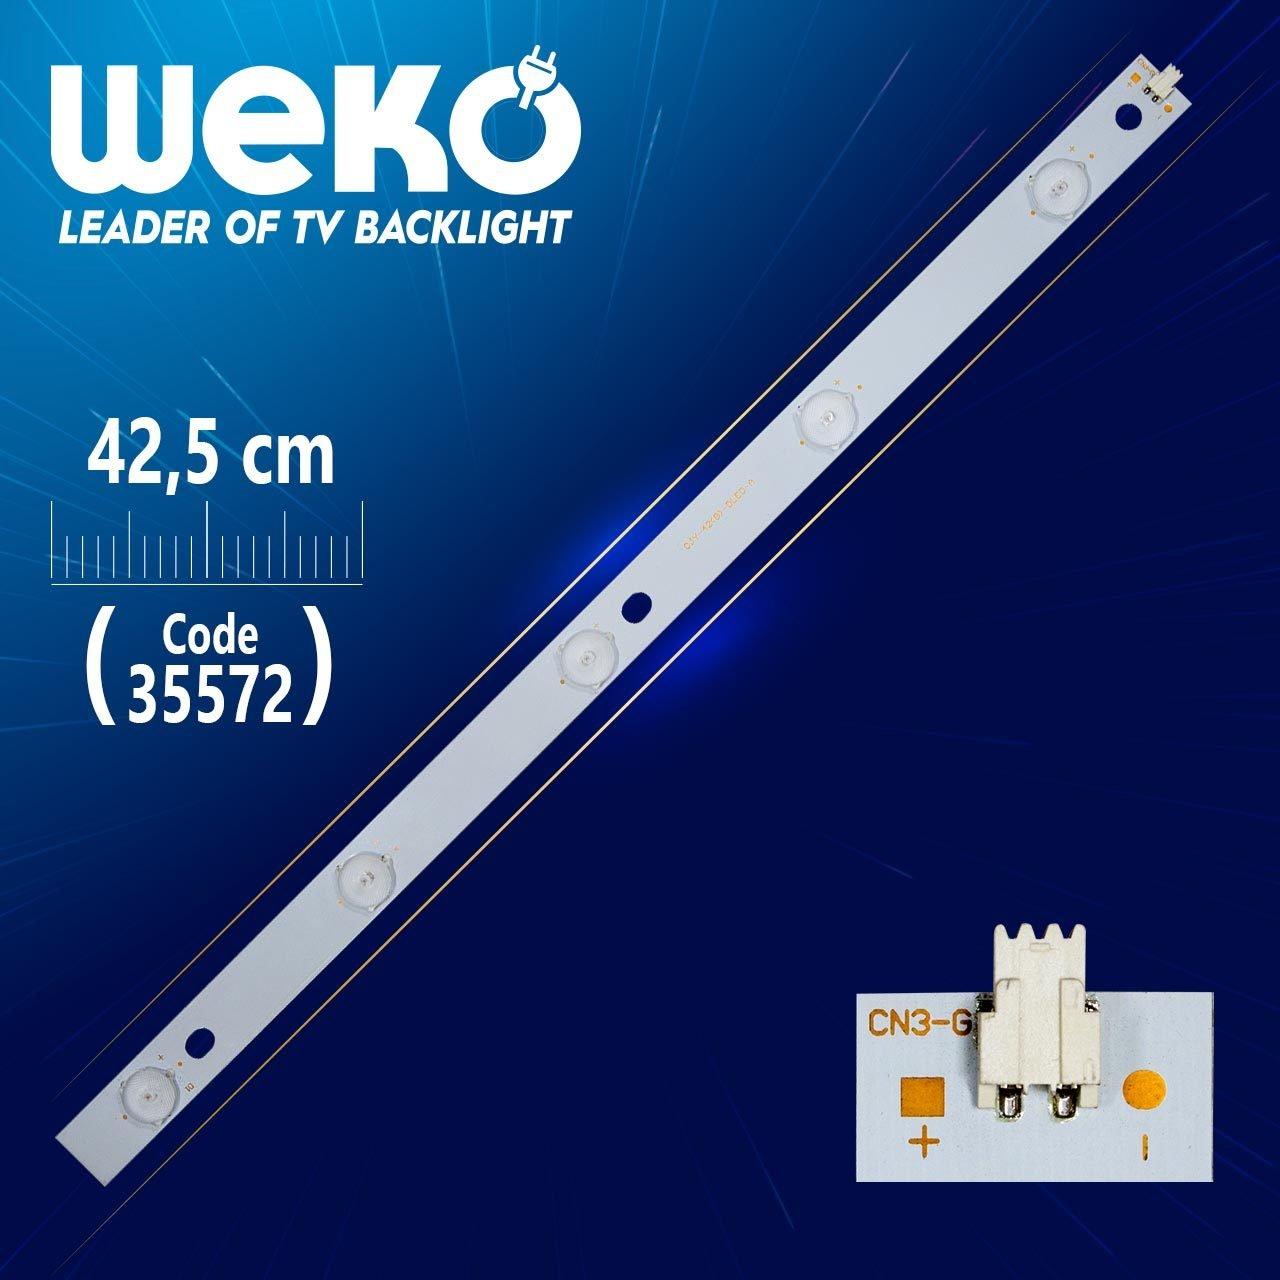 Led Bar Lights Lights & Lighting Loyal Led Backlight For 55inch Tv 6916l-2647a 6916l-2648a 6916l-2649a 6916l-2650a R1 R2 L1 L2 And To Have A Long Life.